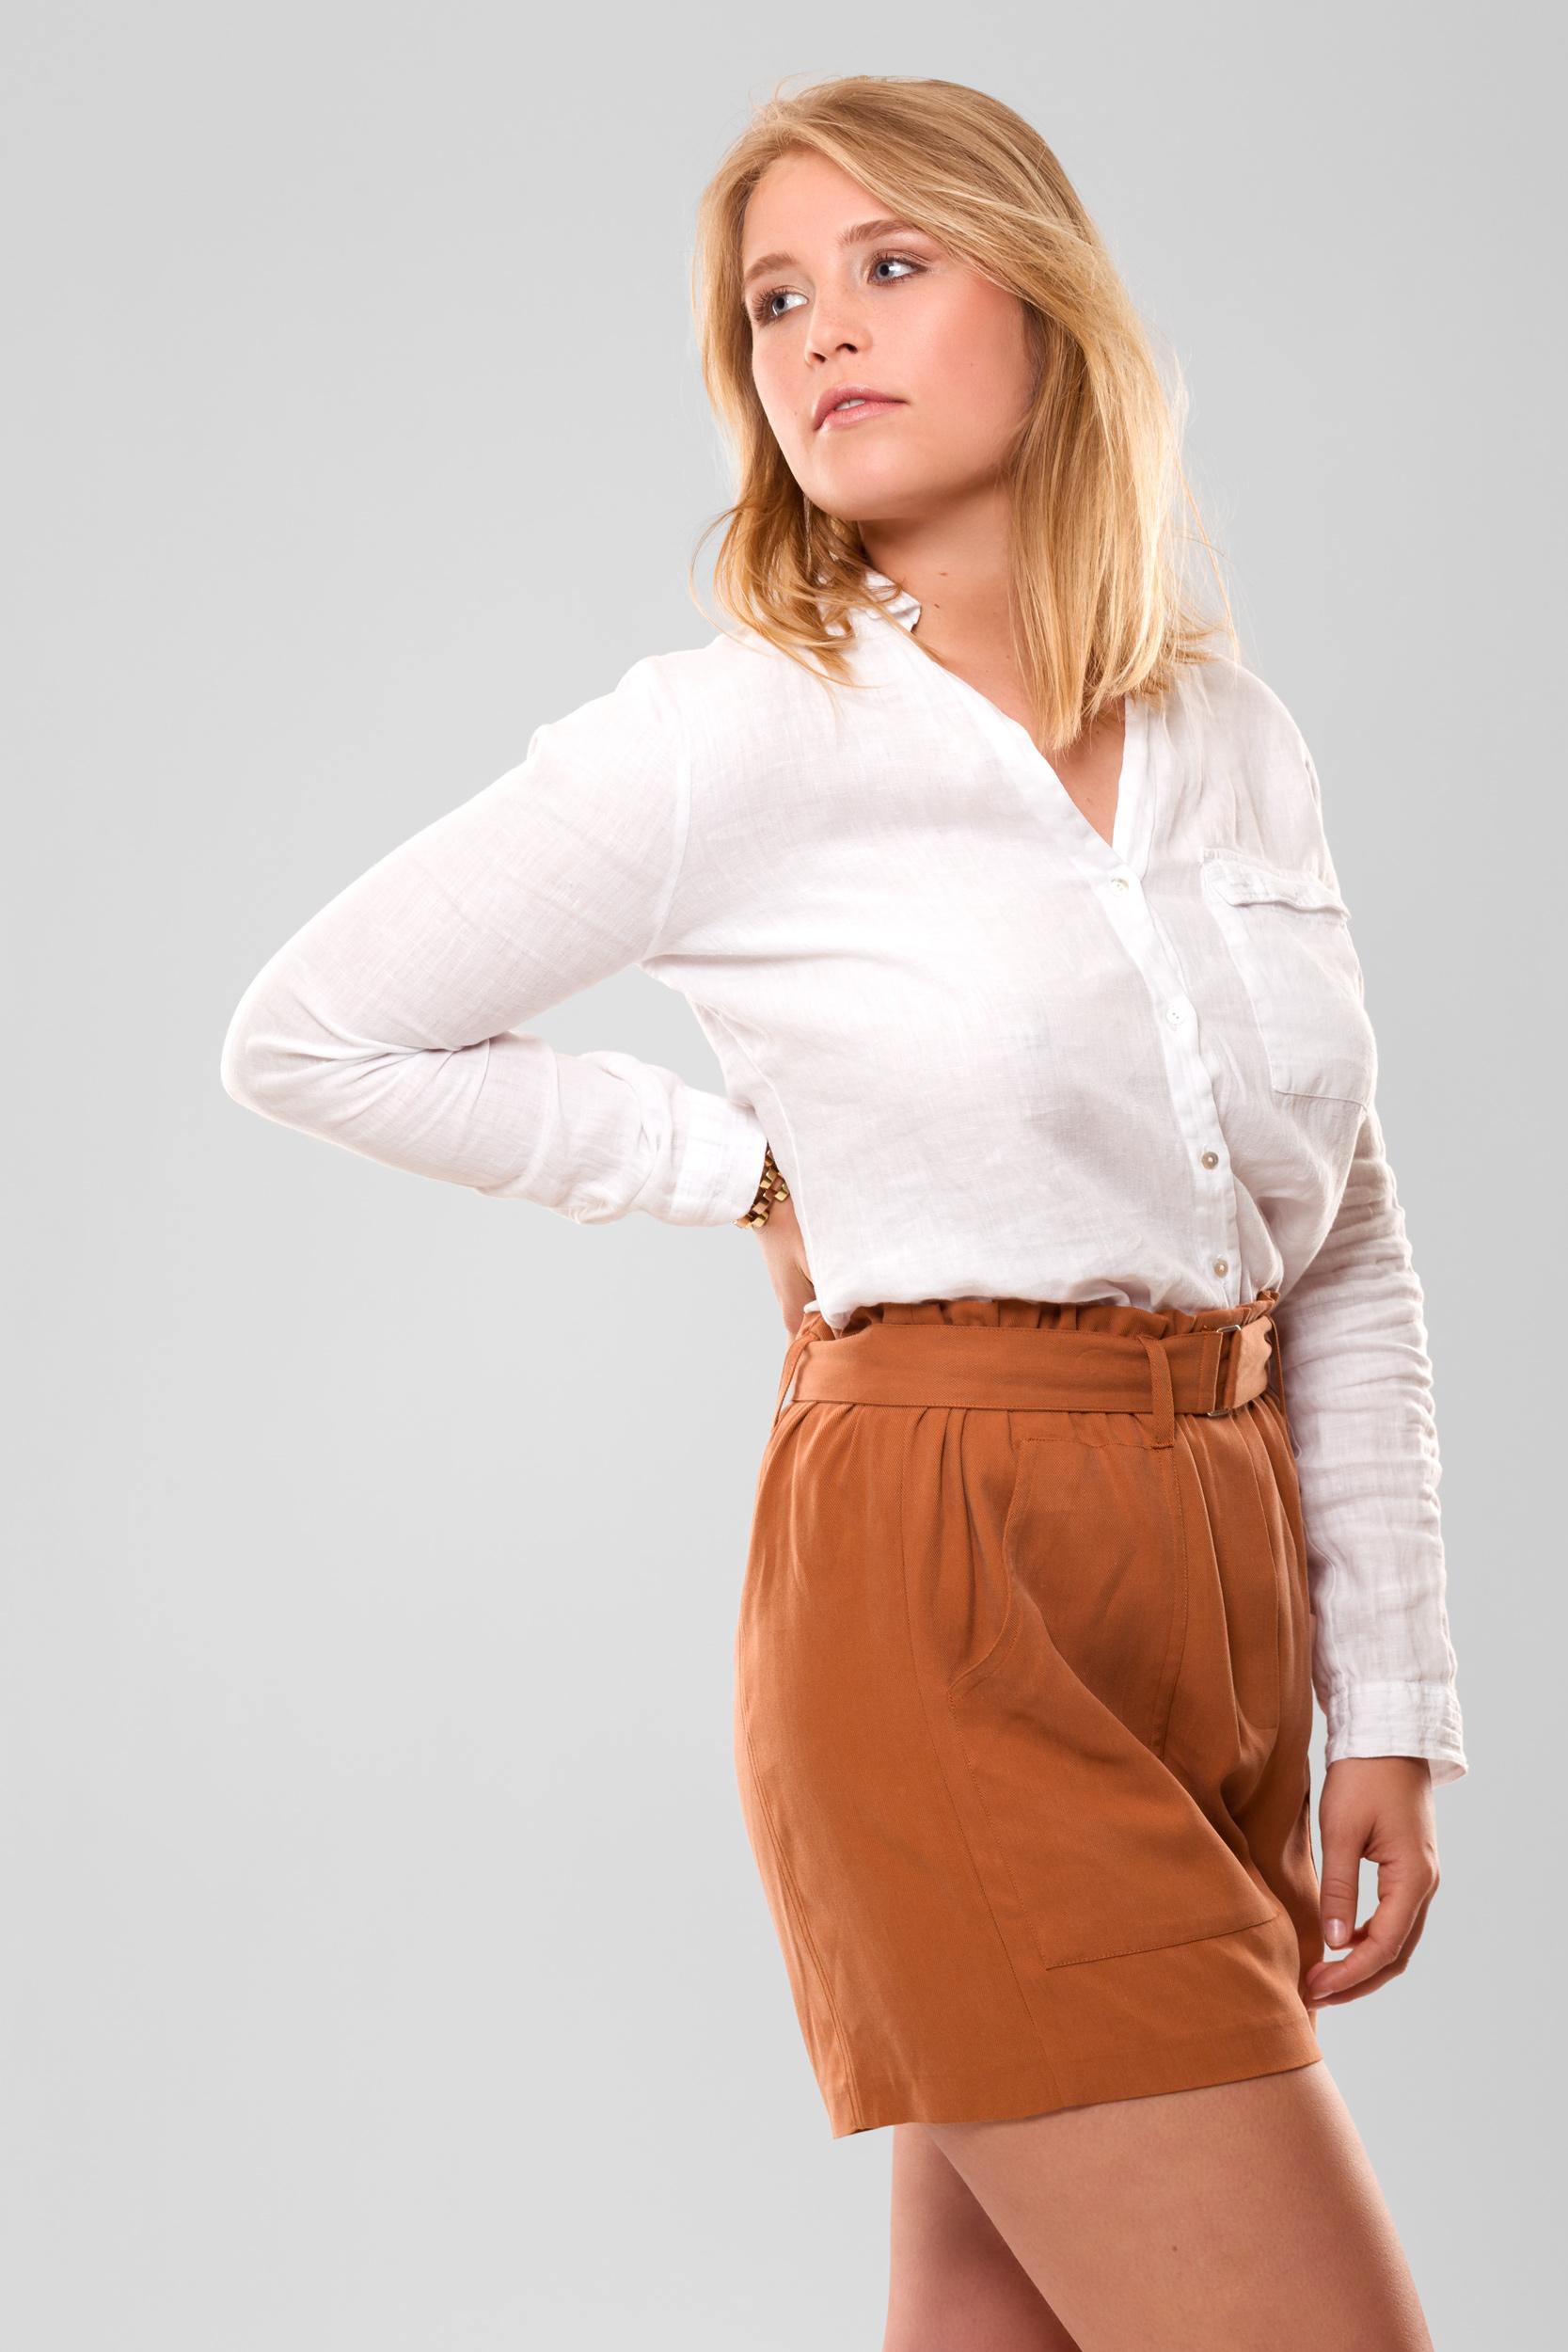 Model Ilse Bourgonje